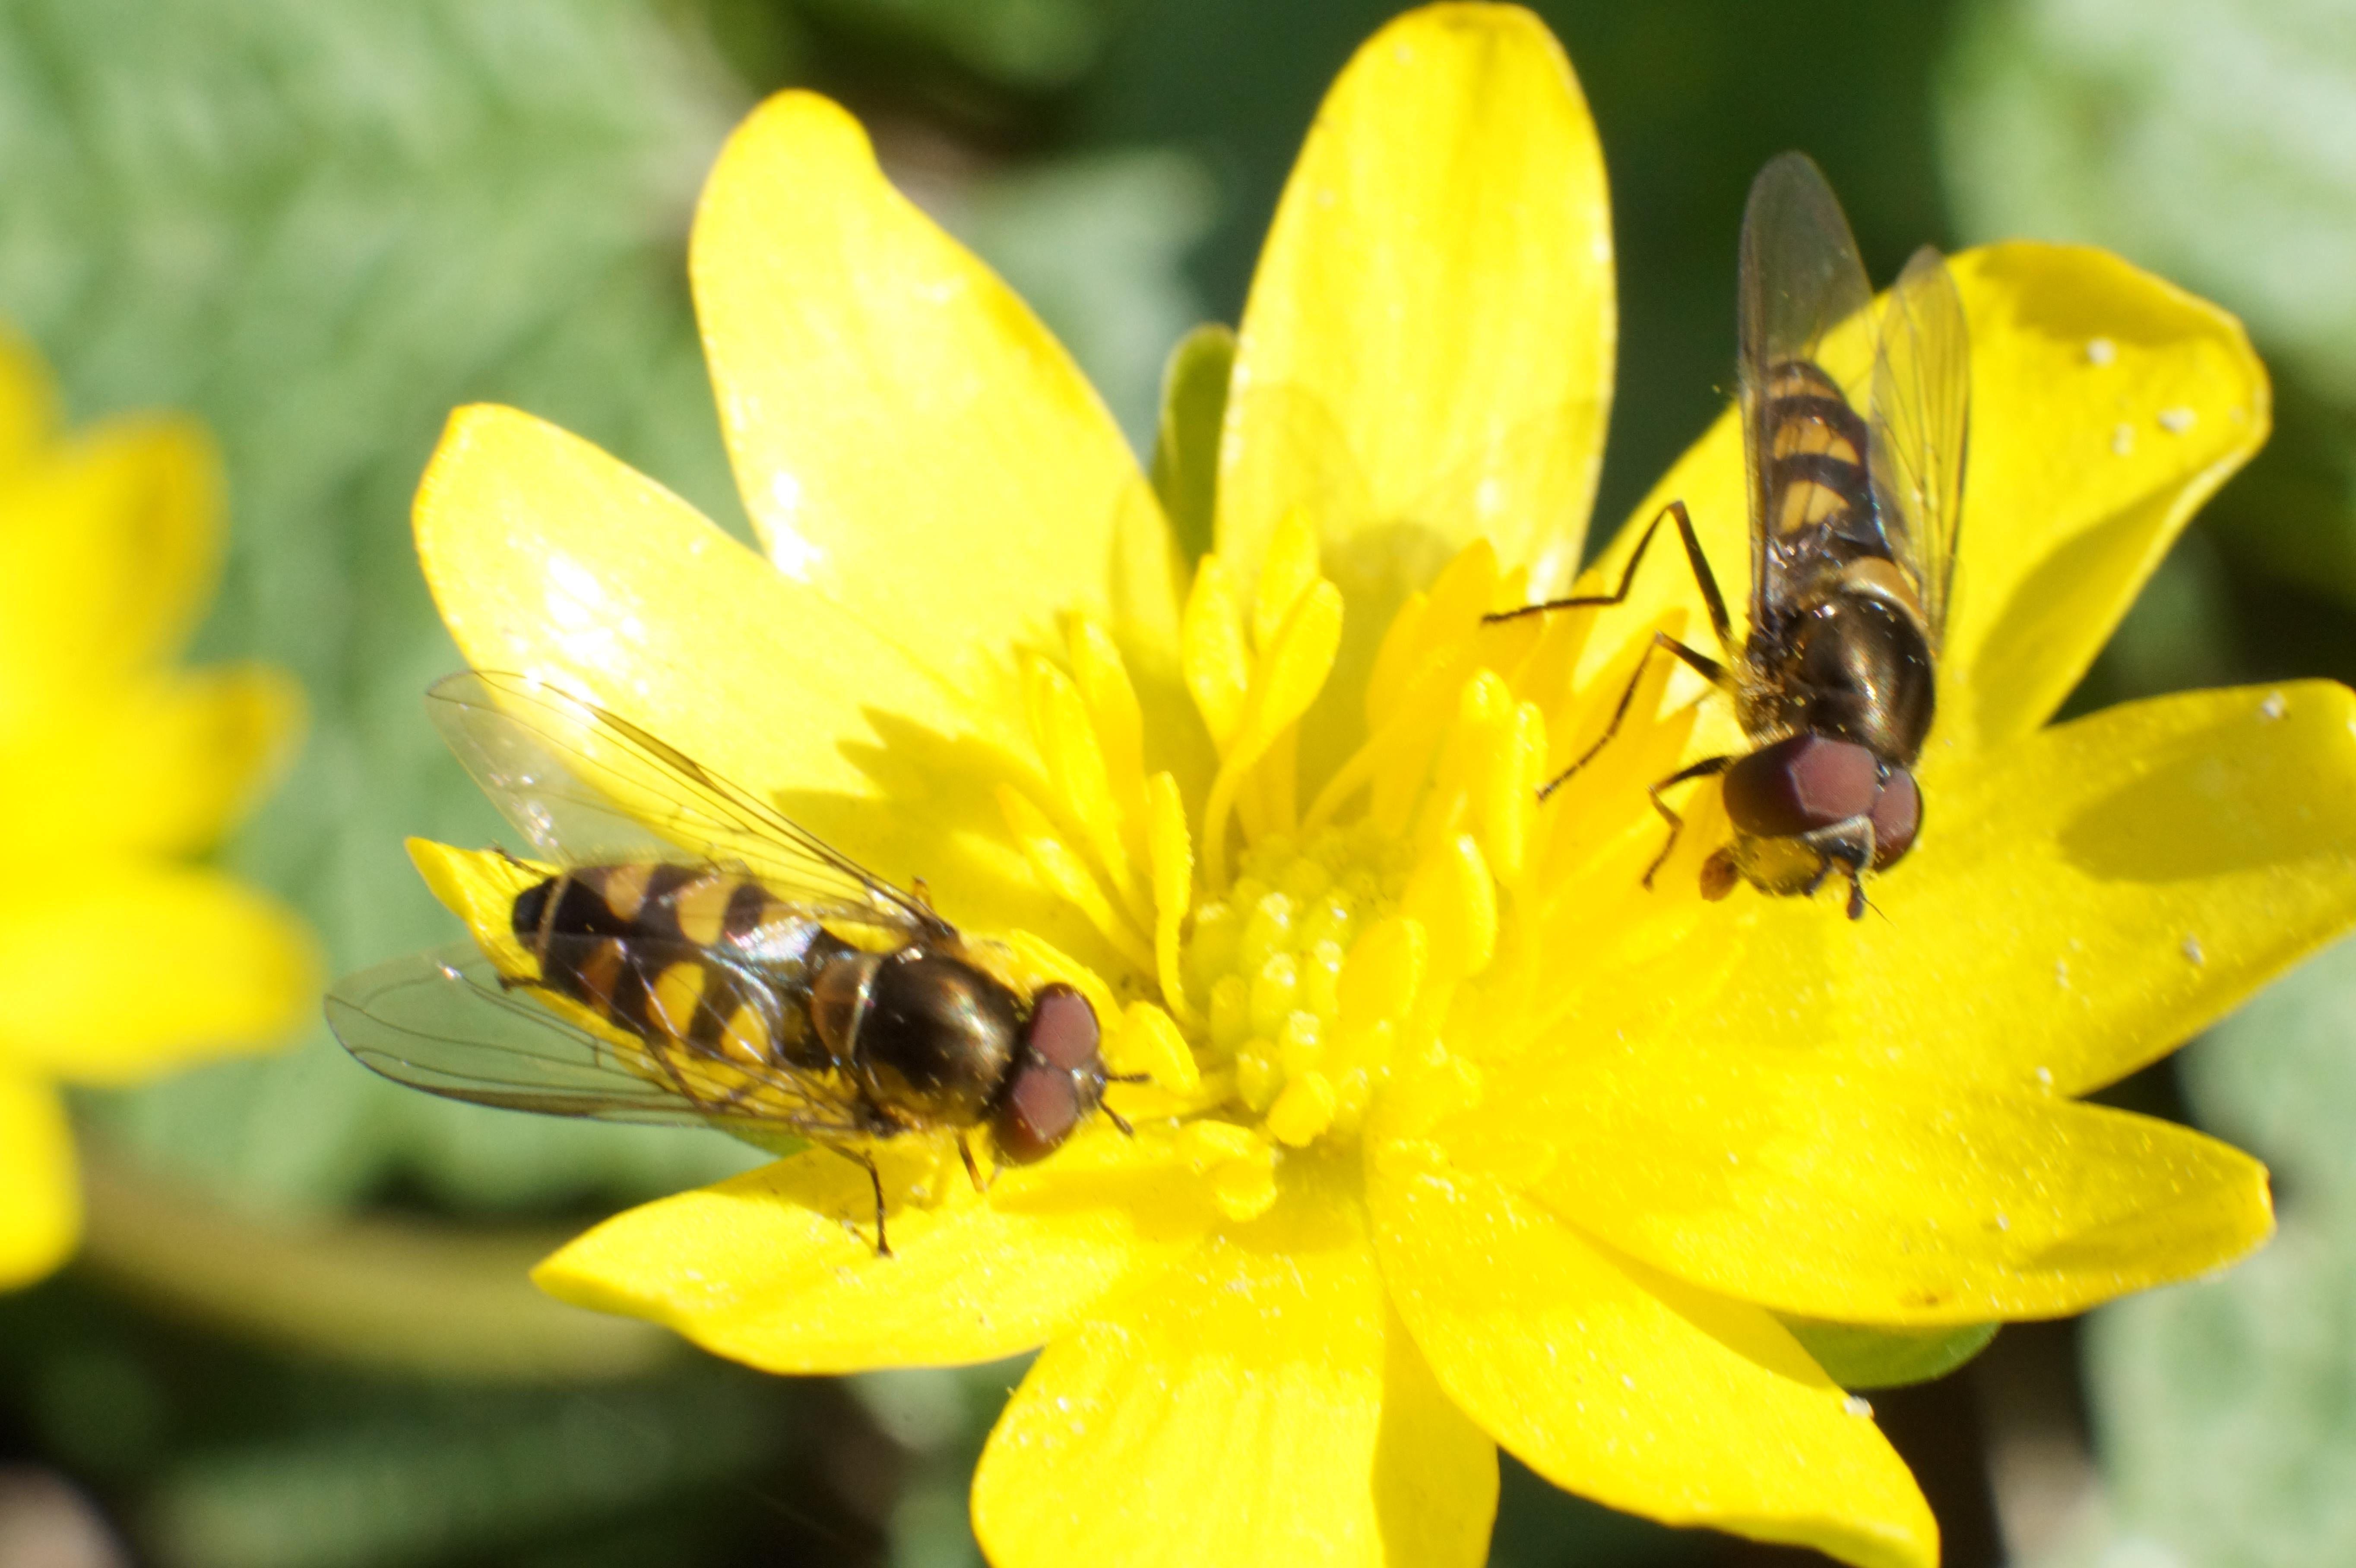 Zweefvliegen smikkelen van het lekkers wat een gele bosanemoon hen aanbiedt